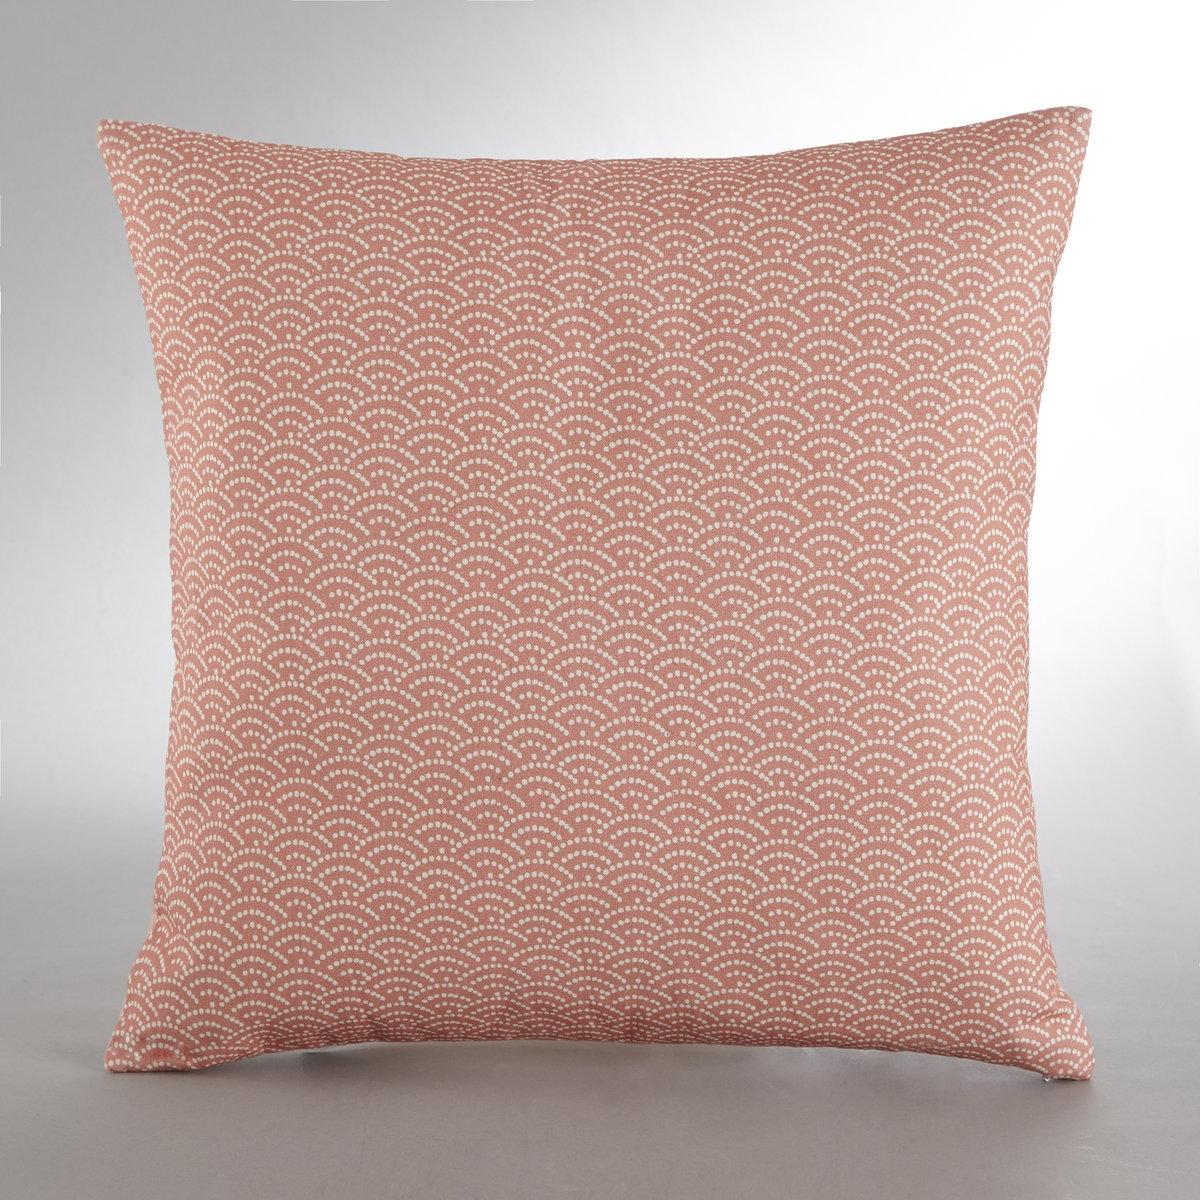 Чехол для подушки YokkoЧехол для подушки Yokko - добавьте восточного колорита в ваш интерьер! Описание чехла для подушки Yokko :Цветочные мотивы на лицевой стороне, японские мотивы на коралловом фоне на оранжевой стороне.Скрытая застежка на молнию.100% хлопка. Множество оригинальных чехлов для подушек на нашем сайте.Размеры чехла для подушки Yokko :45 x 45 см<br><br>Цвет: рисунок/фон розовый